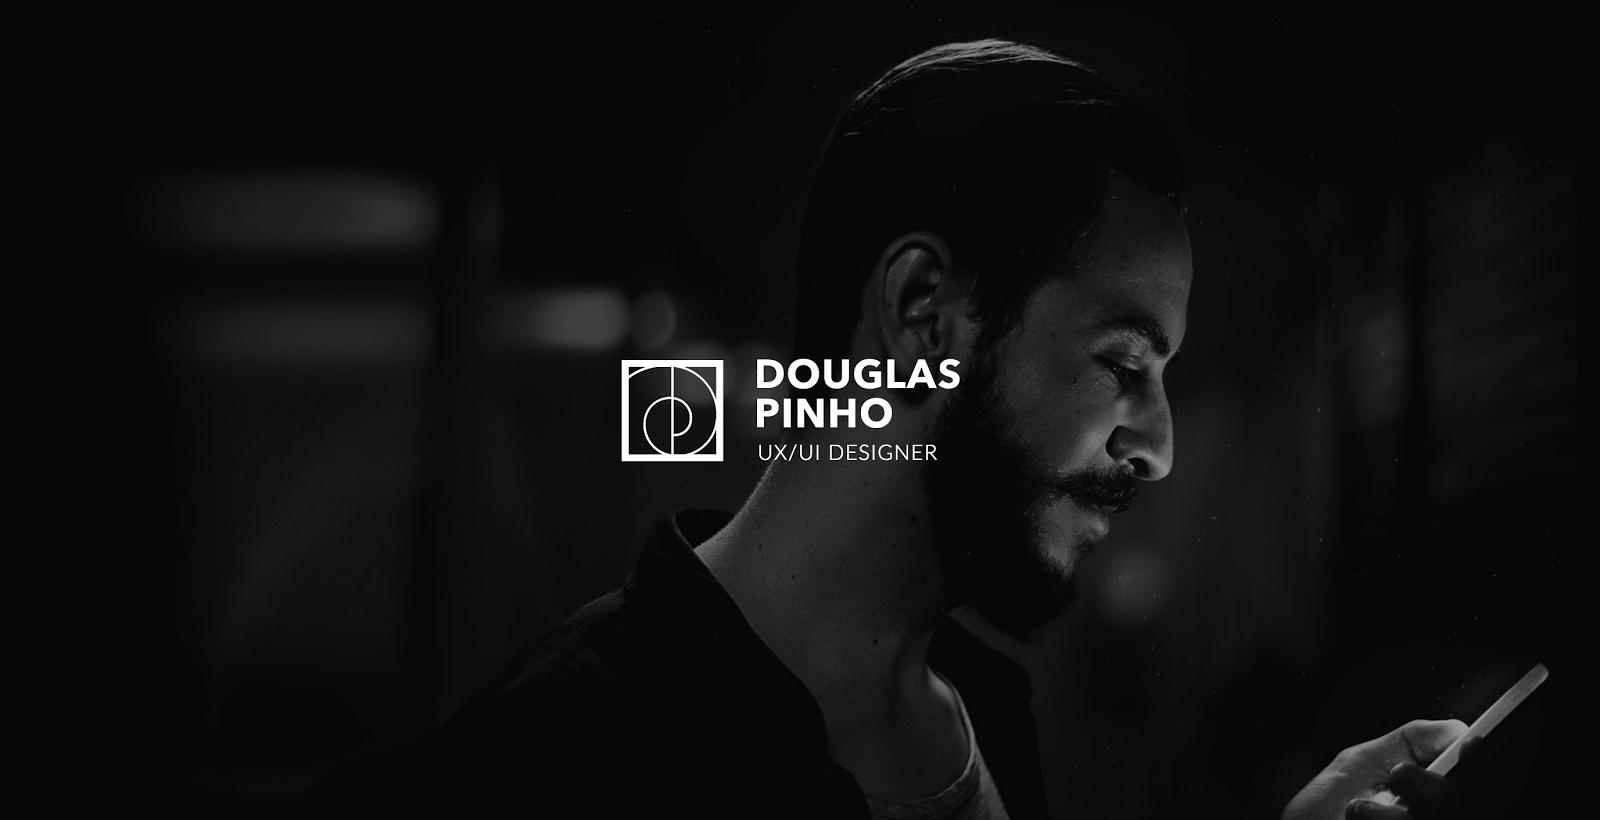 A portrait humanizes Douglas Pinho's portfolio site